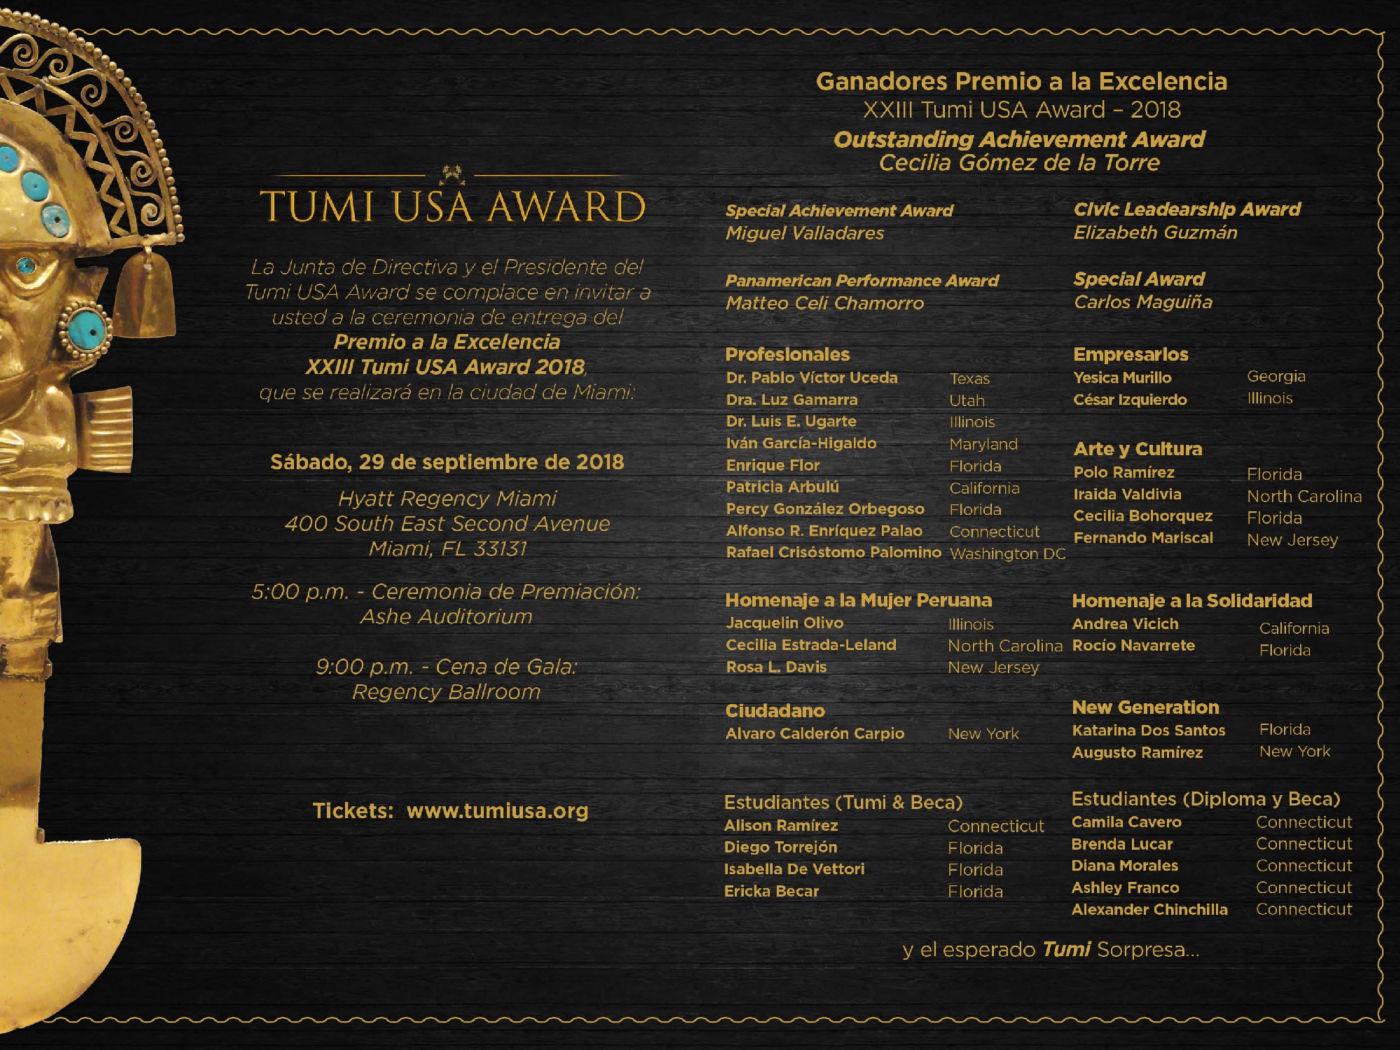 Tumi USA Award